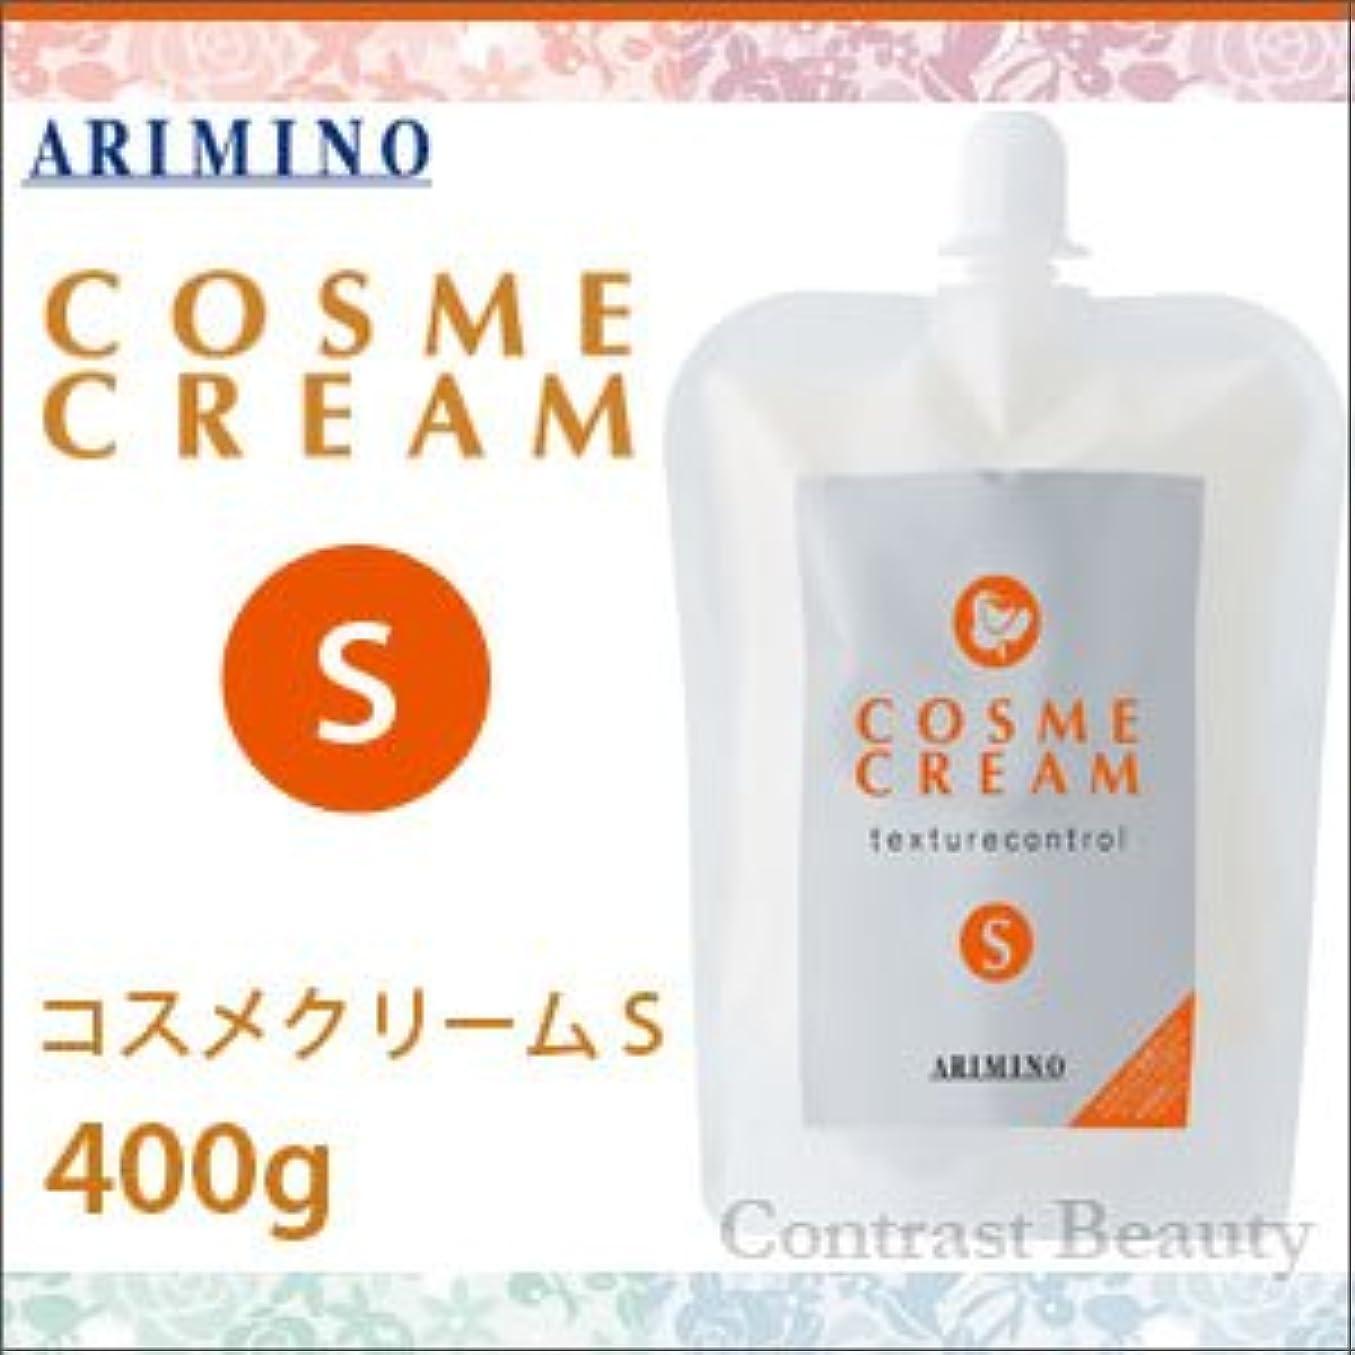 鼻プレミアリスク【X4個セット】 アリミノ コスメクリーム S 400g